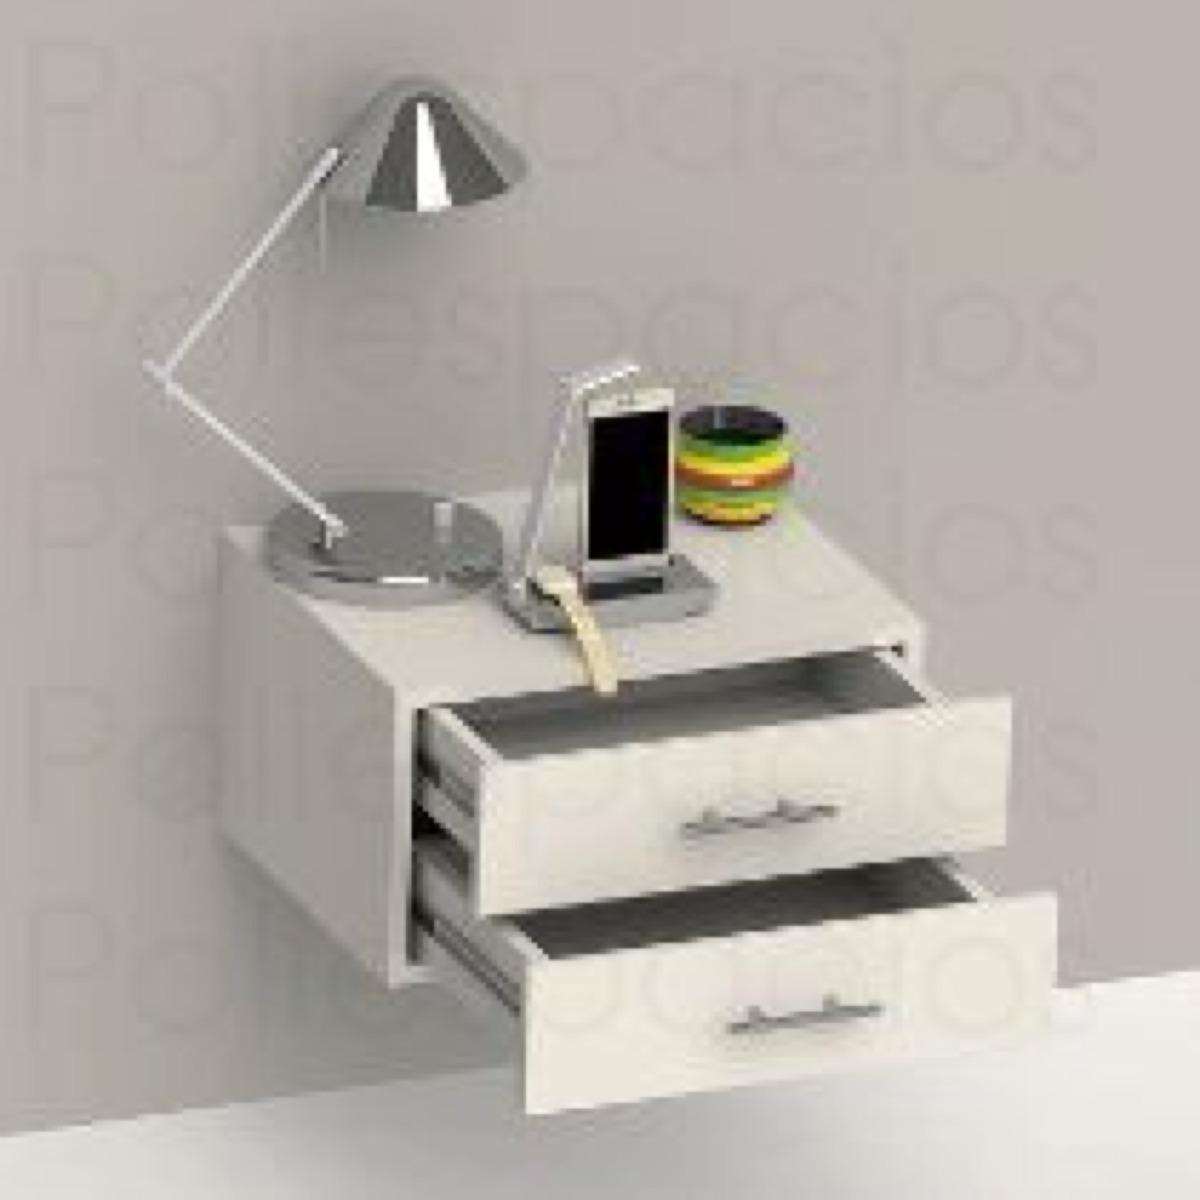 Mesa de noche flotante minimalista bs en - Mesitas de noche para espacios reducidos ...